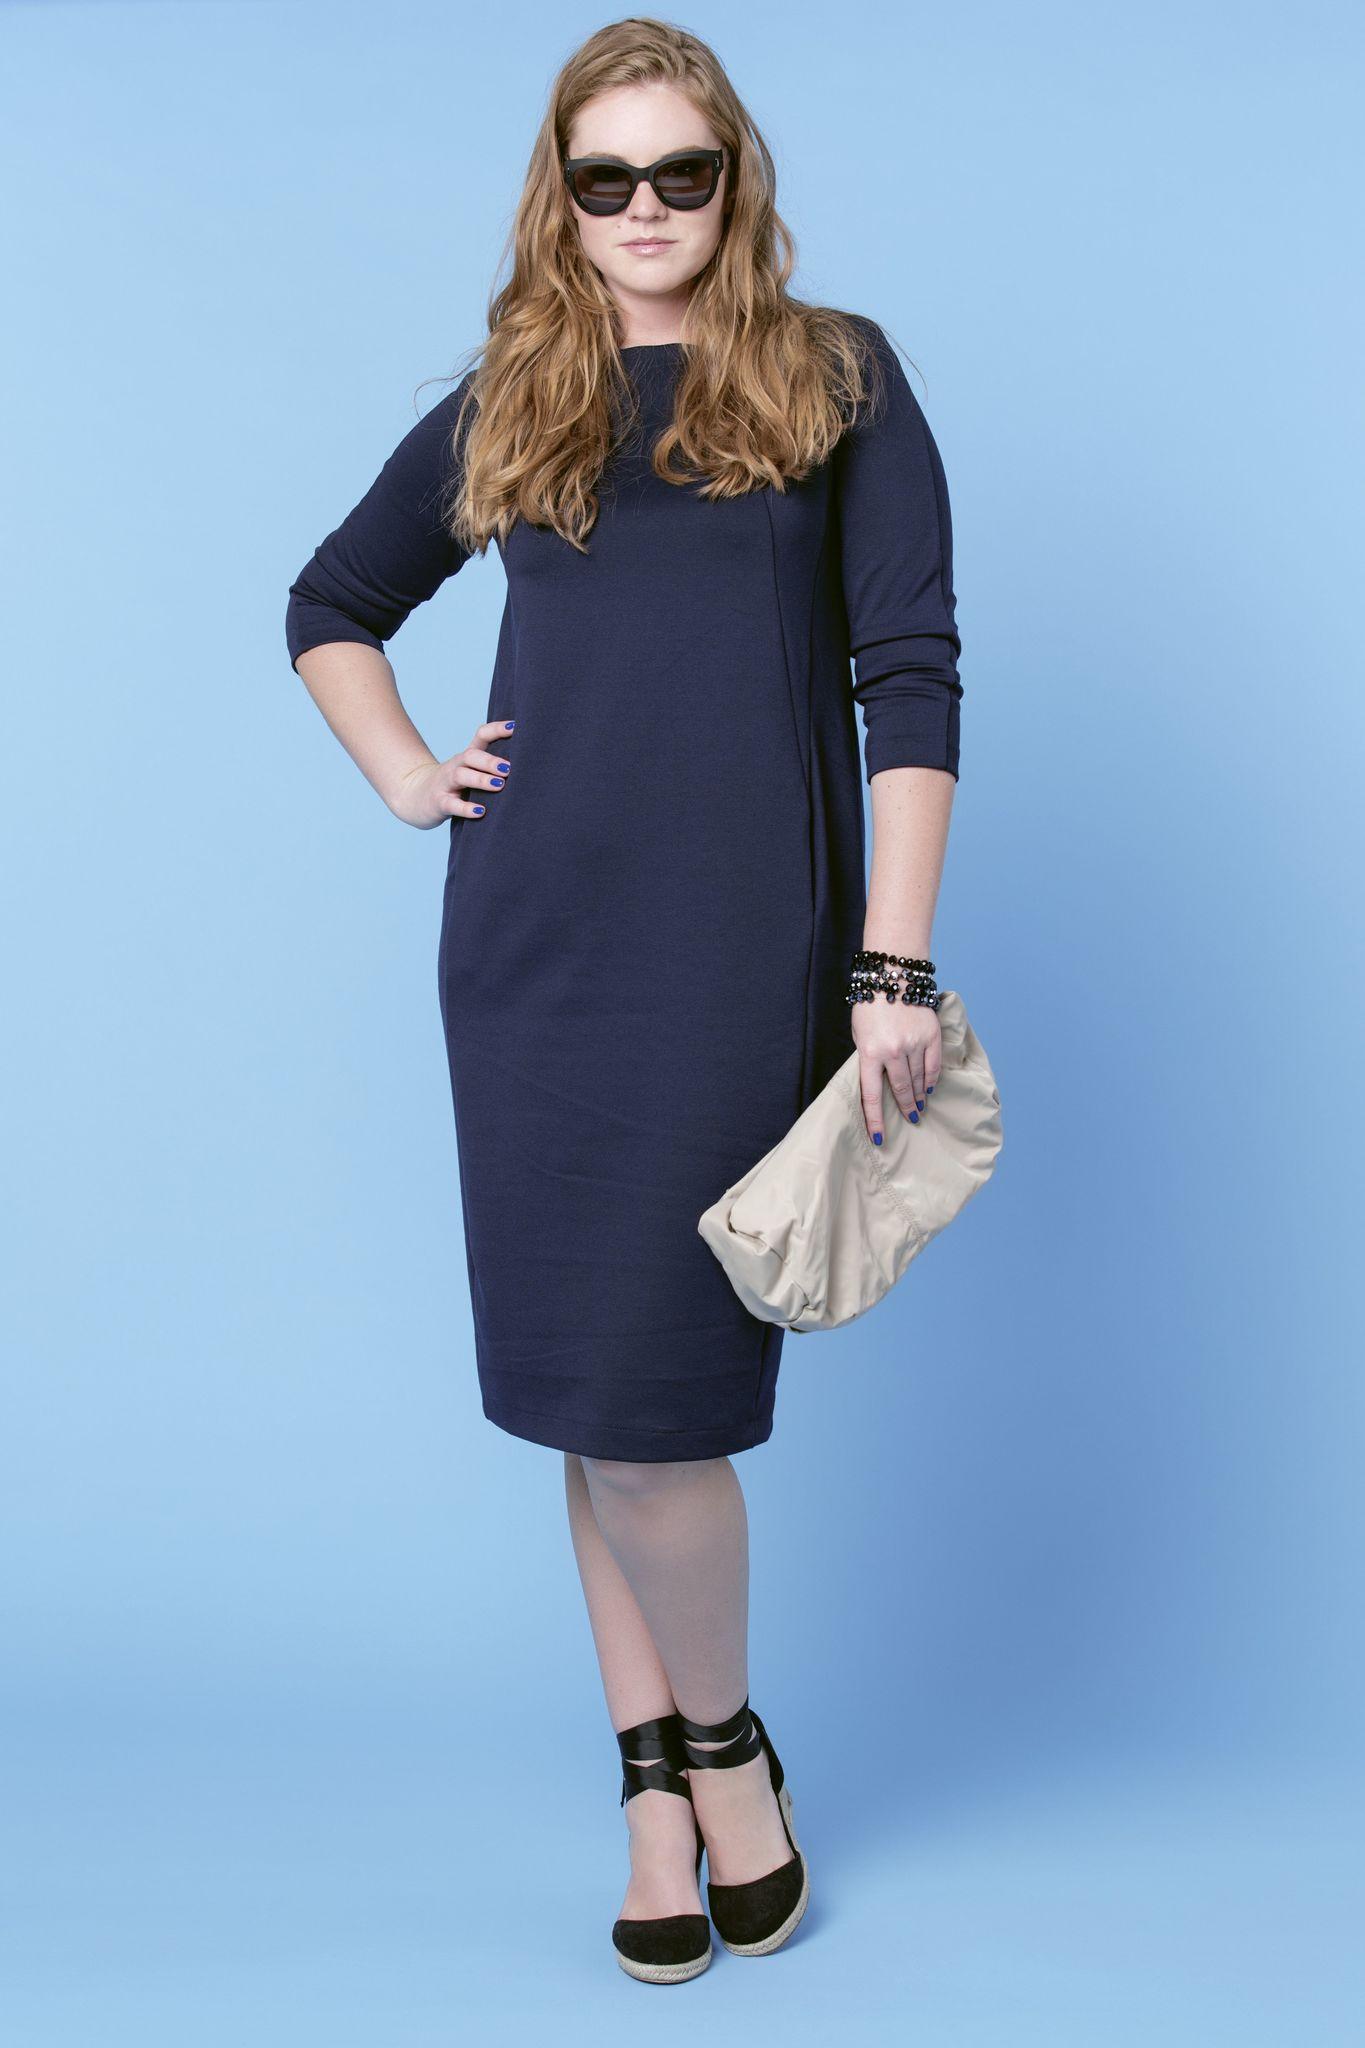 Платье BASE D1 DM 20 синийПлатья<br>Маленькое элегантное и функциональное платье. Платье с незаметными, но функциональными карманами и идеально для всех случаев жизни. Повышенная износостойкость материала позволит Вам наслаждаться этим платьем не один сезон.<br>